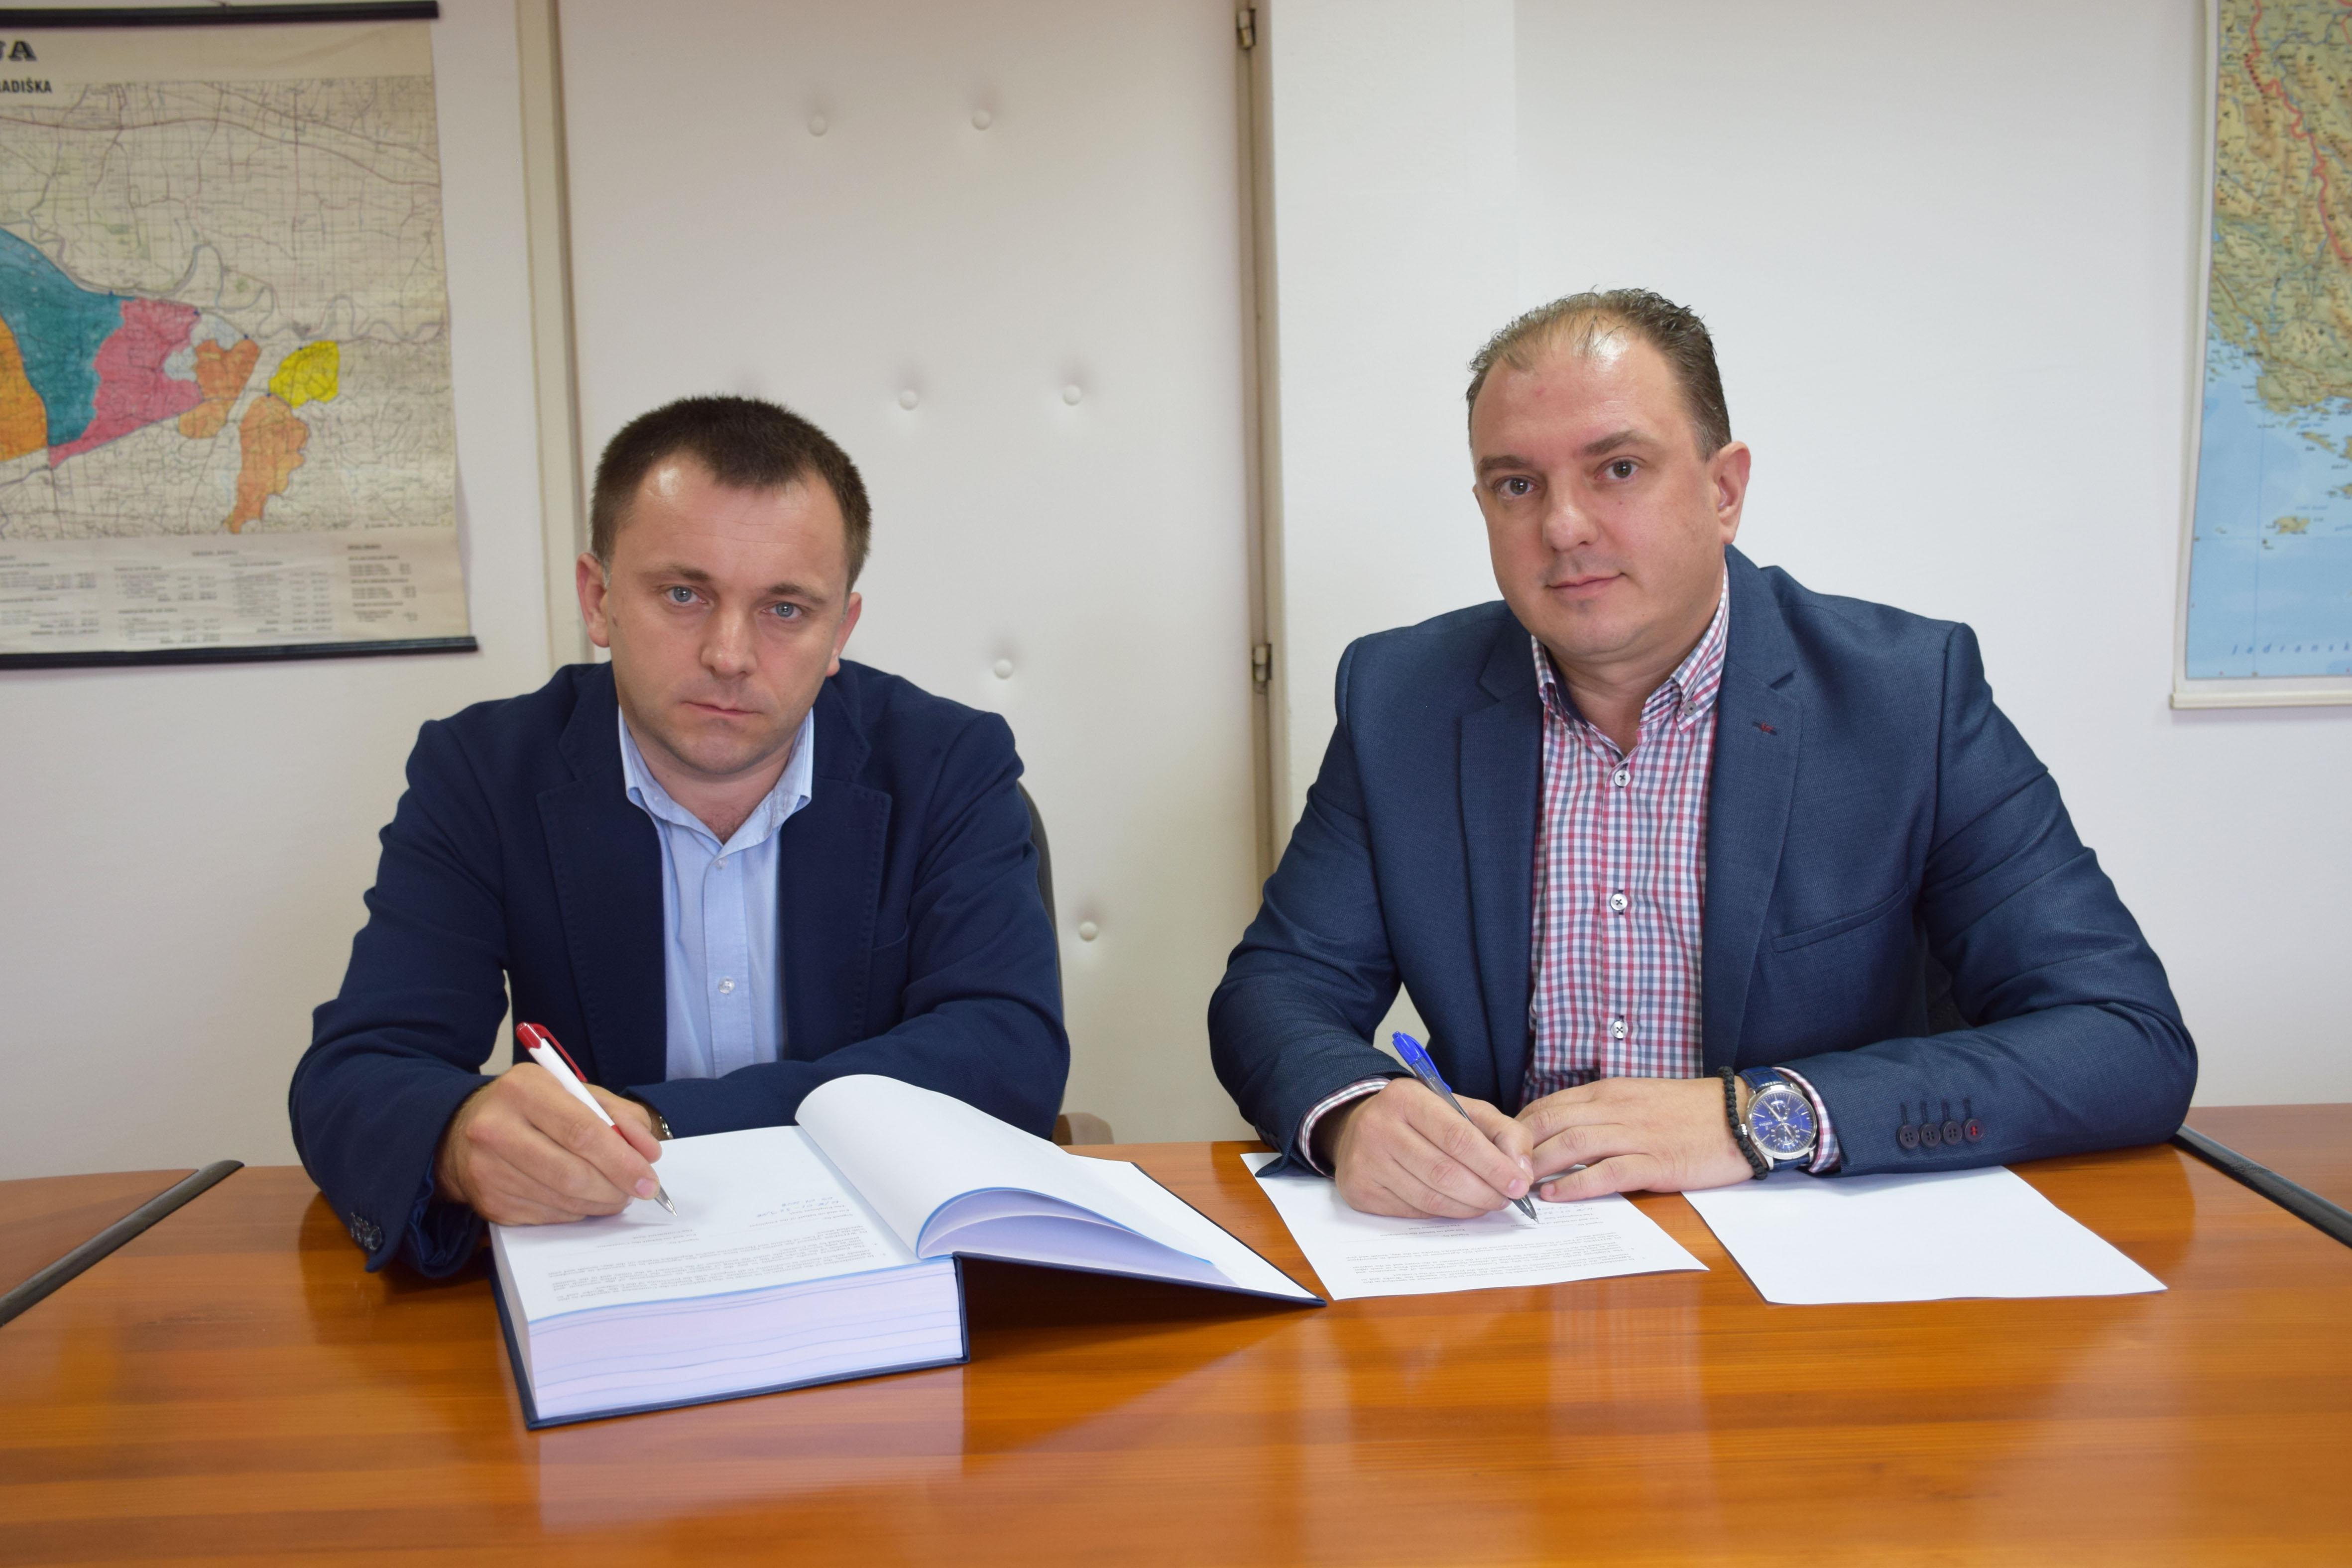 Потписан уговор за реконструкцију Мајевичког ободног канала и канала Глоговац